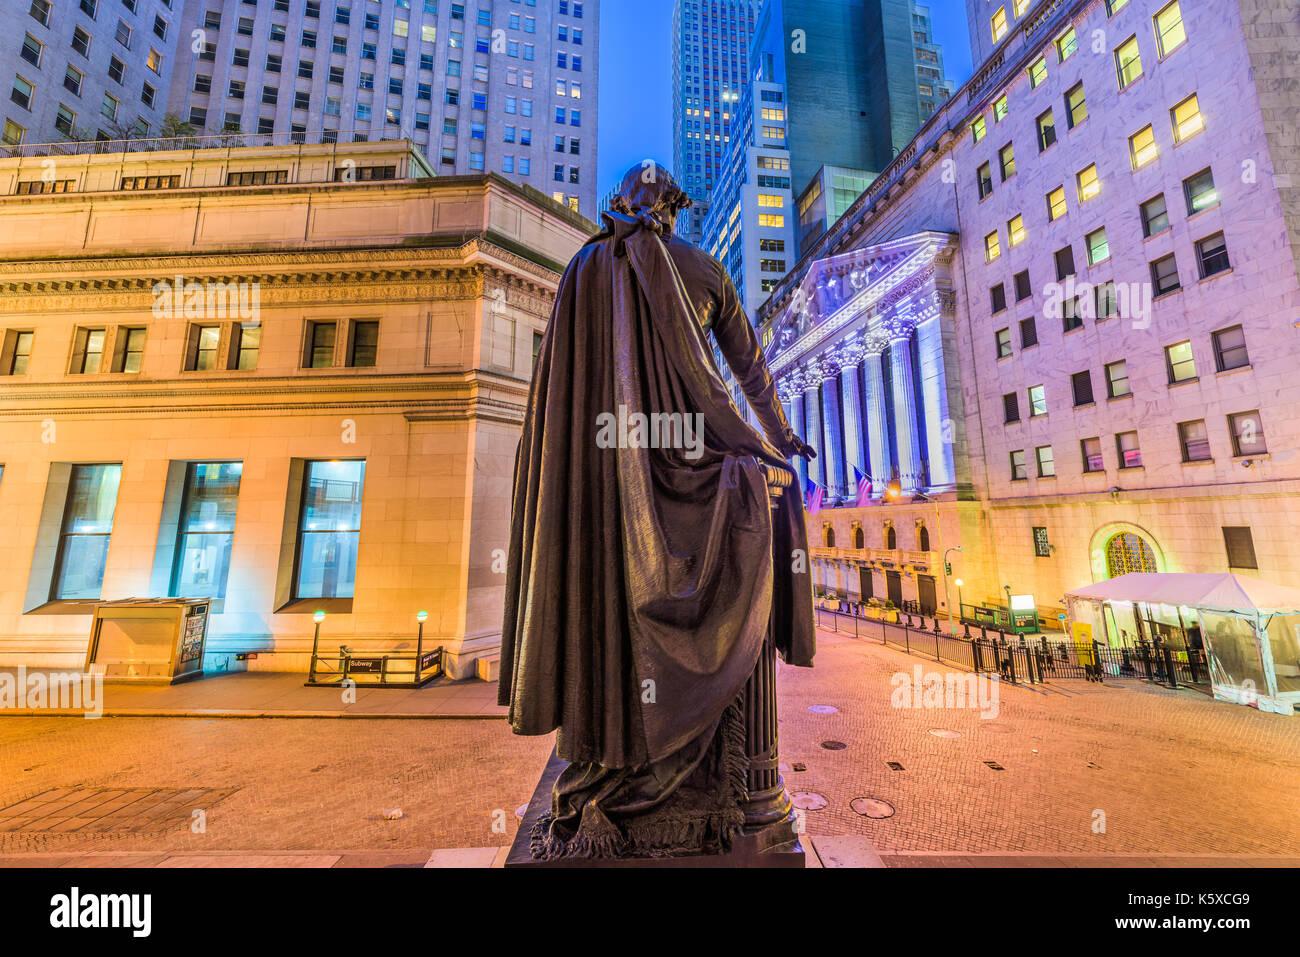 La ville de New York, USA sur Wall Street de federal hall dans le lower Manhattan. Photo Stock